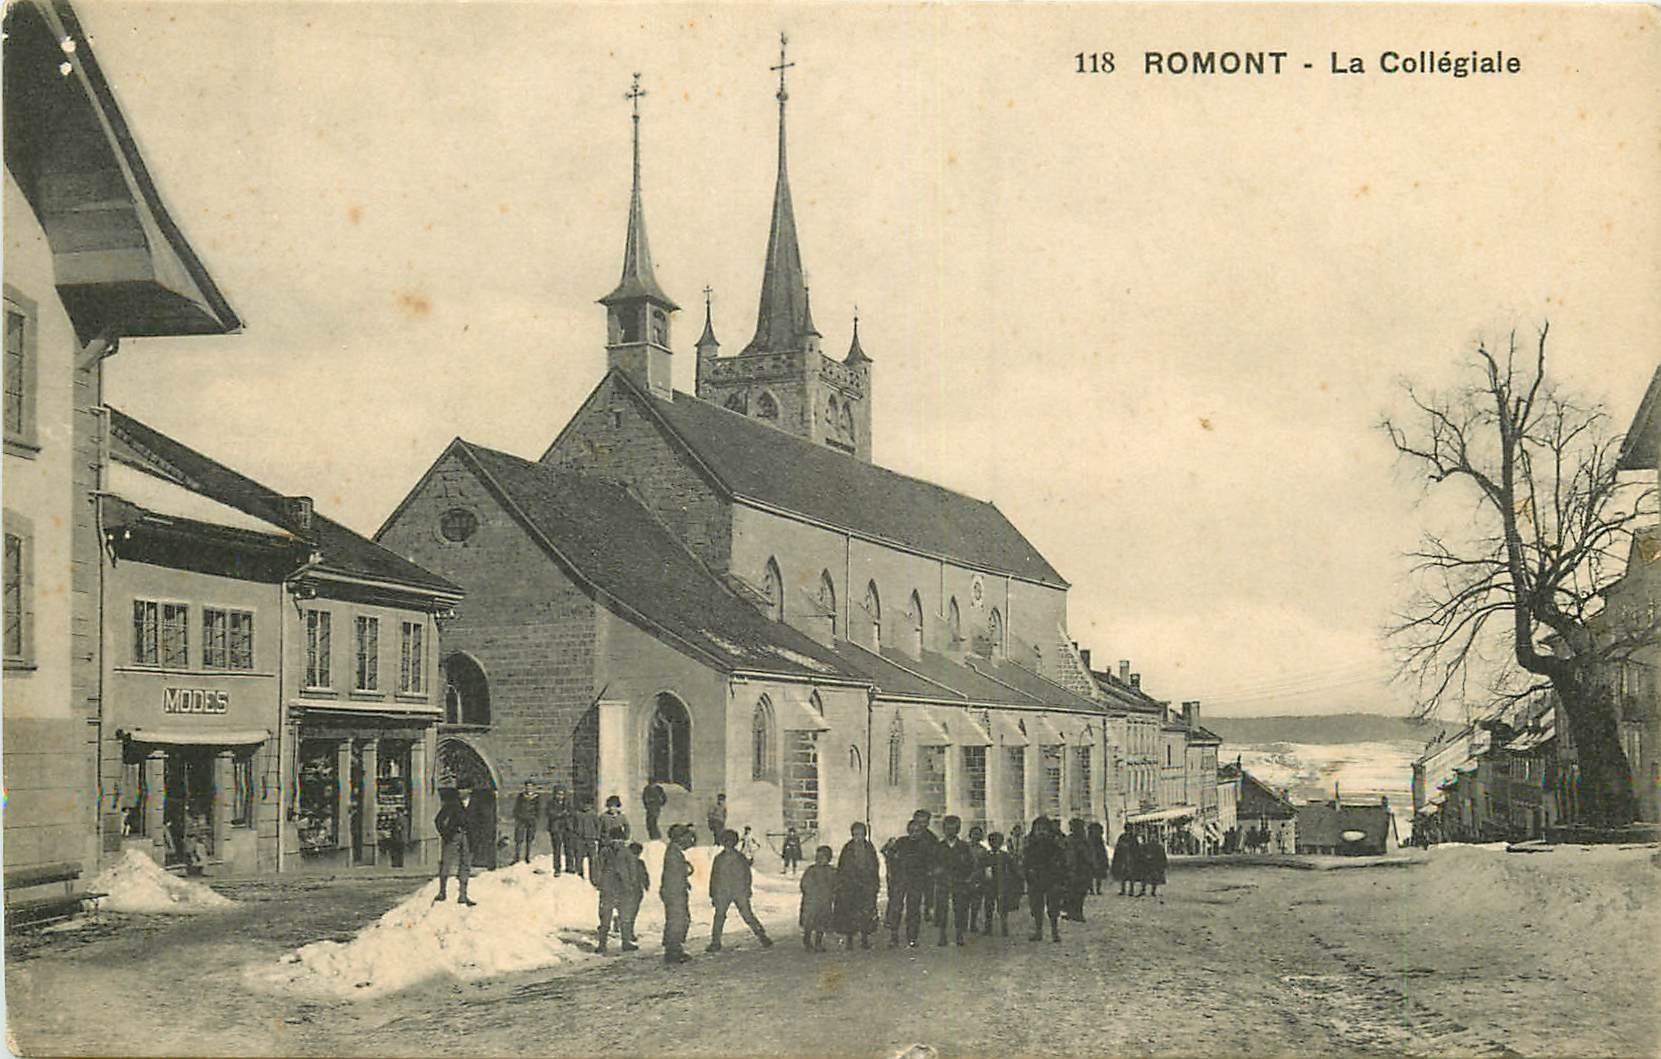 WW ROMONT. La Collégiale en Suisse